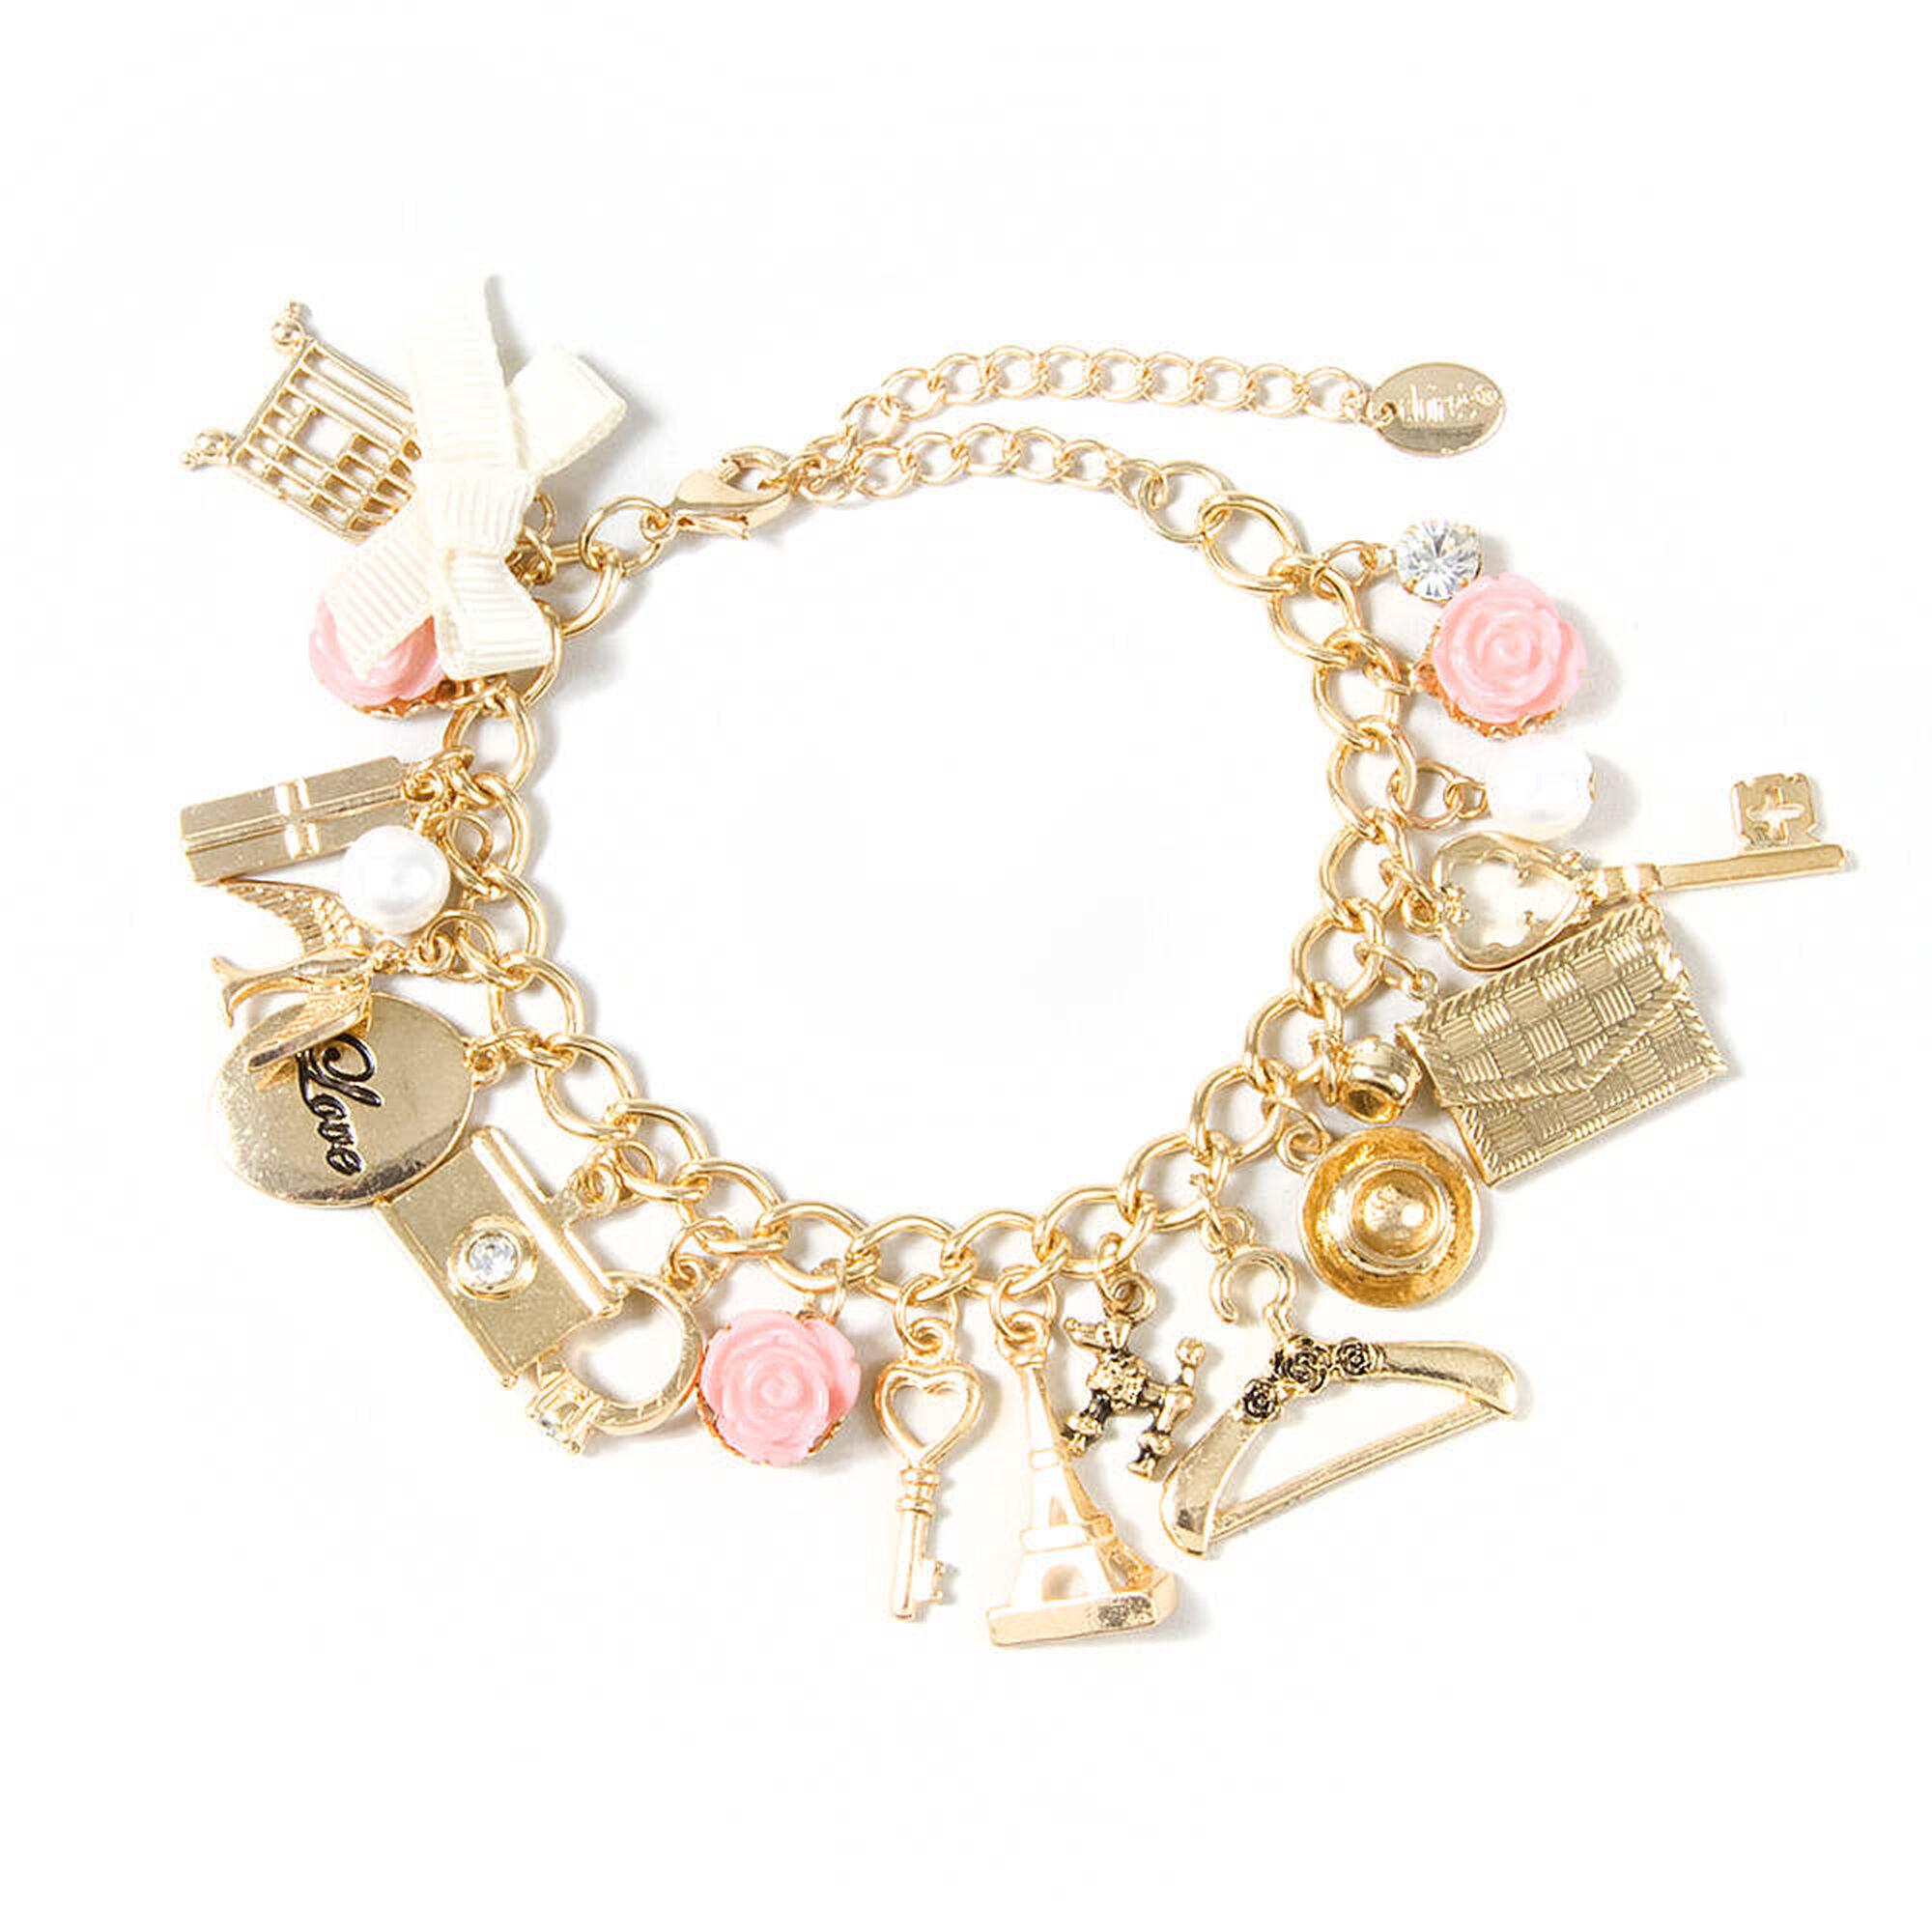 Paris Inspired Gold Charm Bracelet